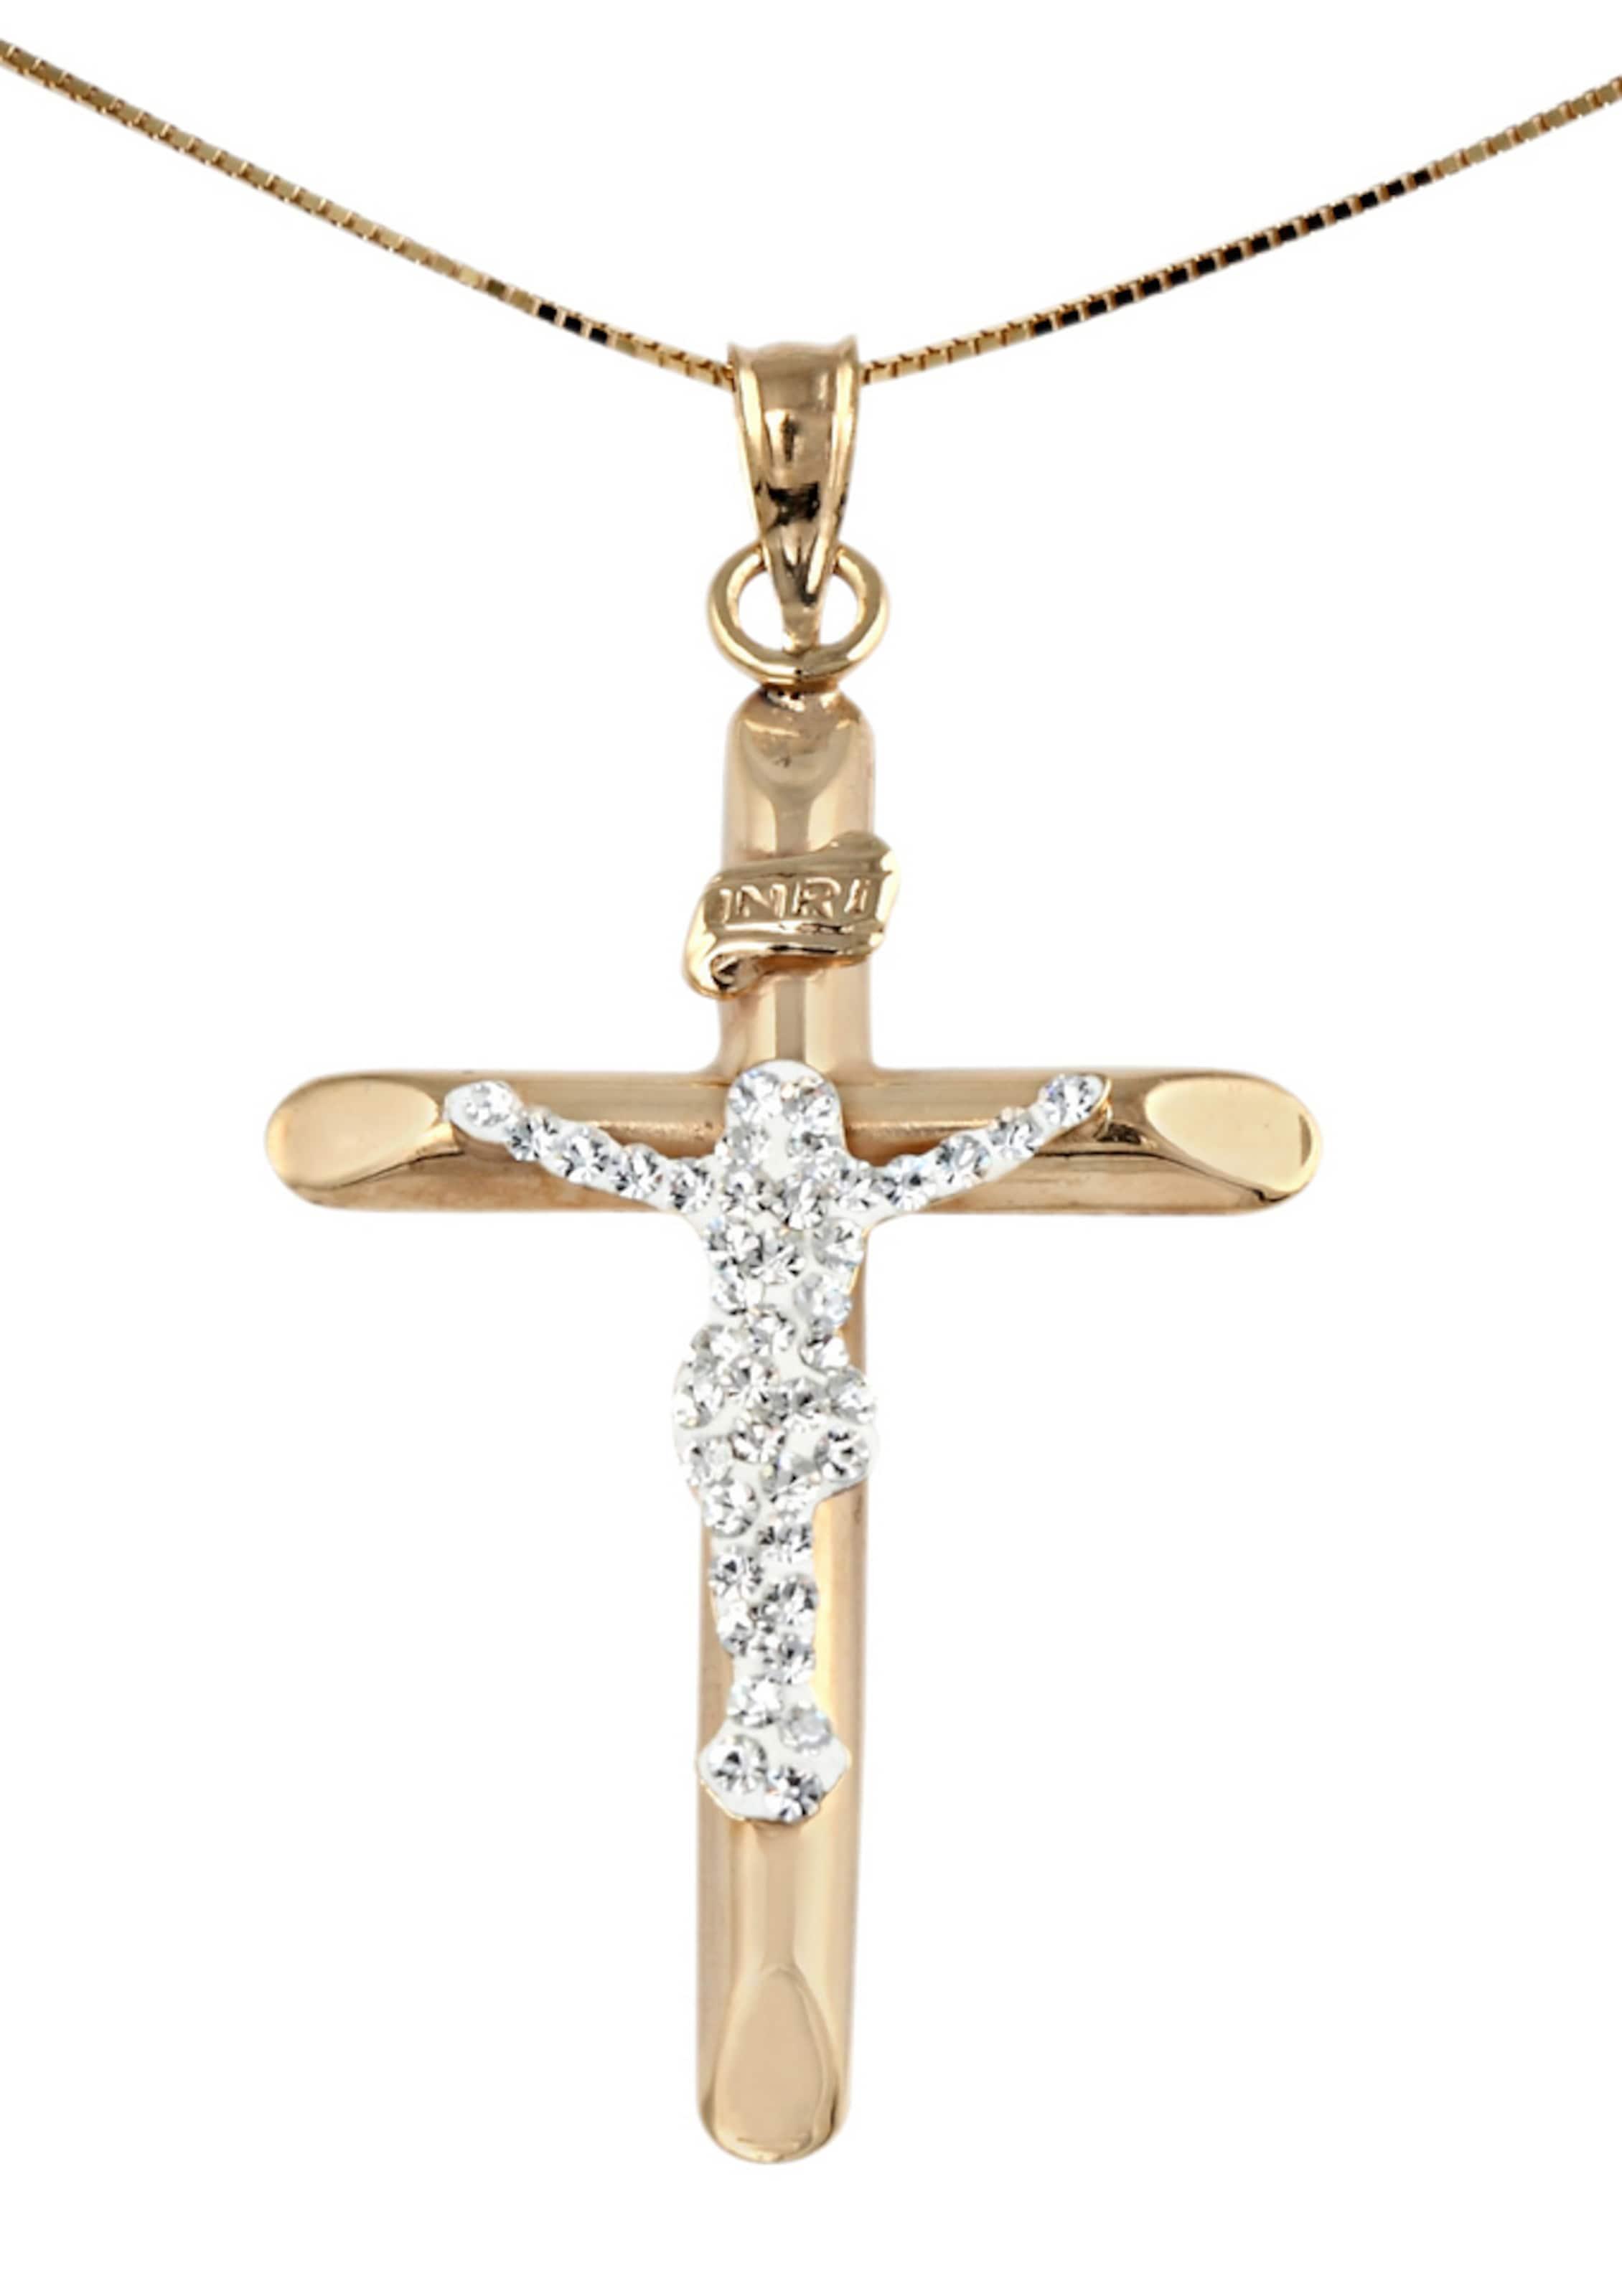 FIRETTI Halsschmuck: Halskette »Kreuz« in Venezianerkettengliederung mit Zirkonia Steckdose Kostengünstig oteiz0Pq